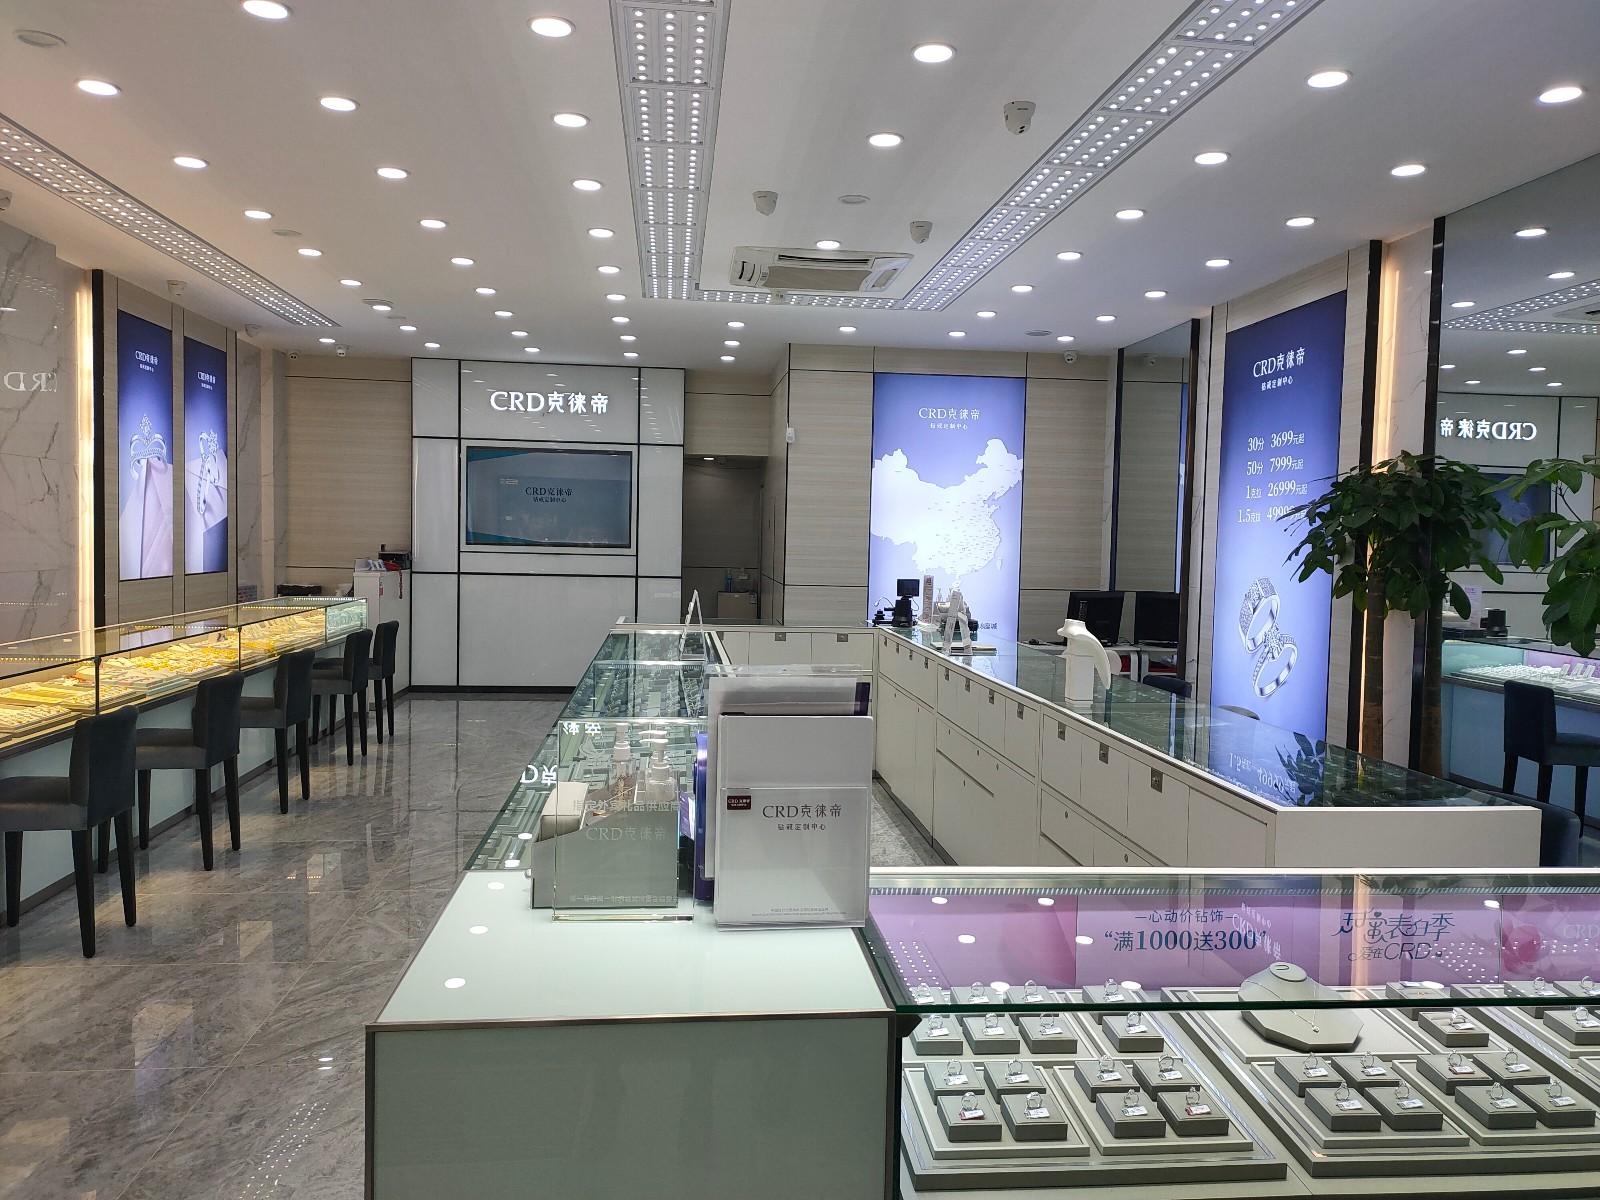 CRD克徕帝安庆迎江人民路店